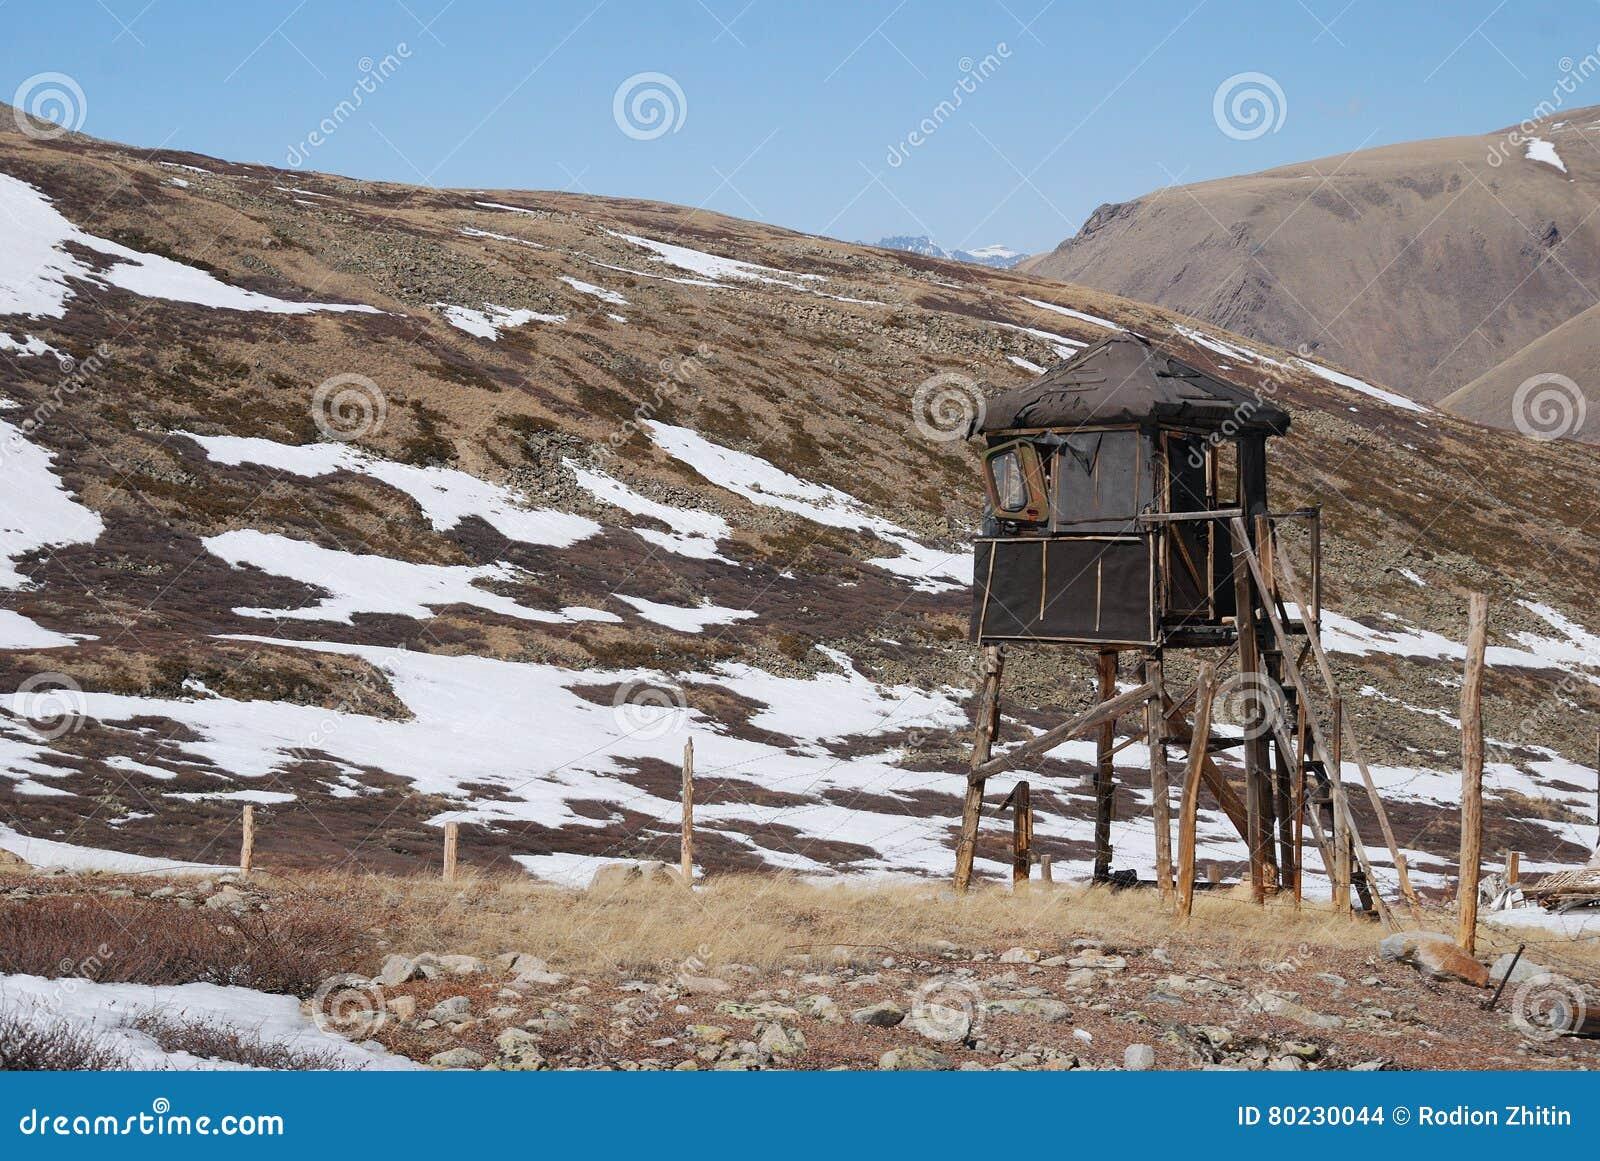 Russisches Gefängnis, Gefängnis, Altai, Stacheldraht Stockfoto ...